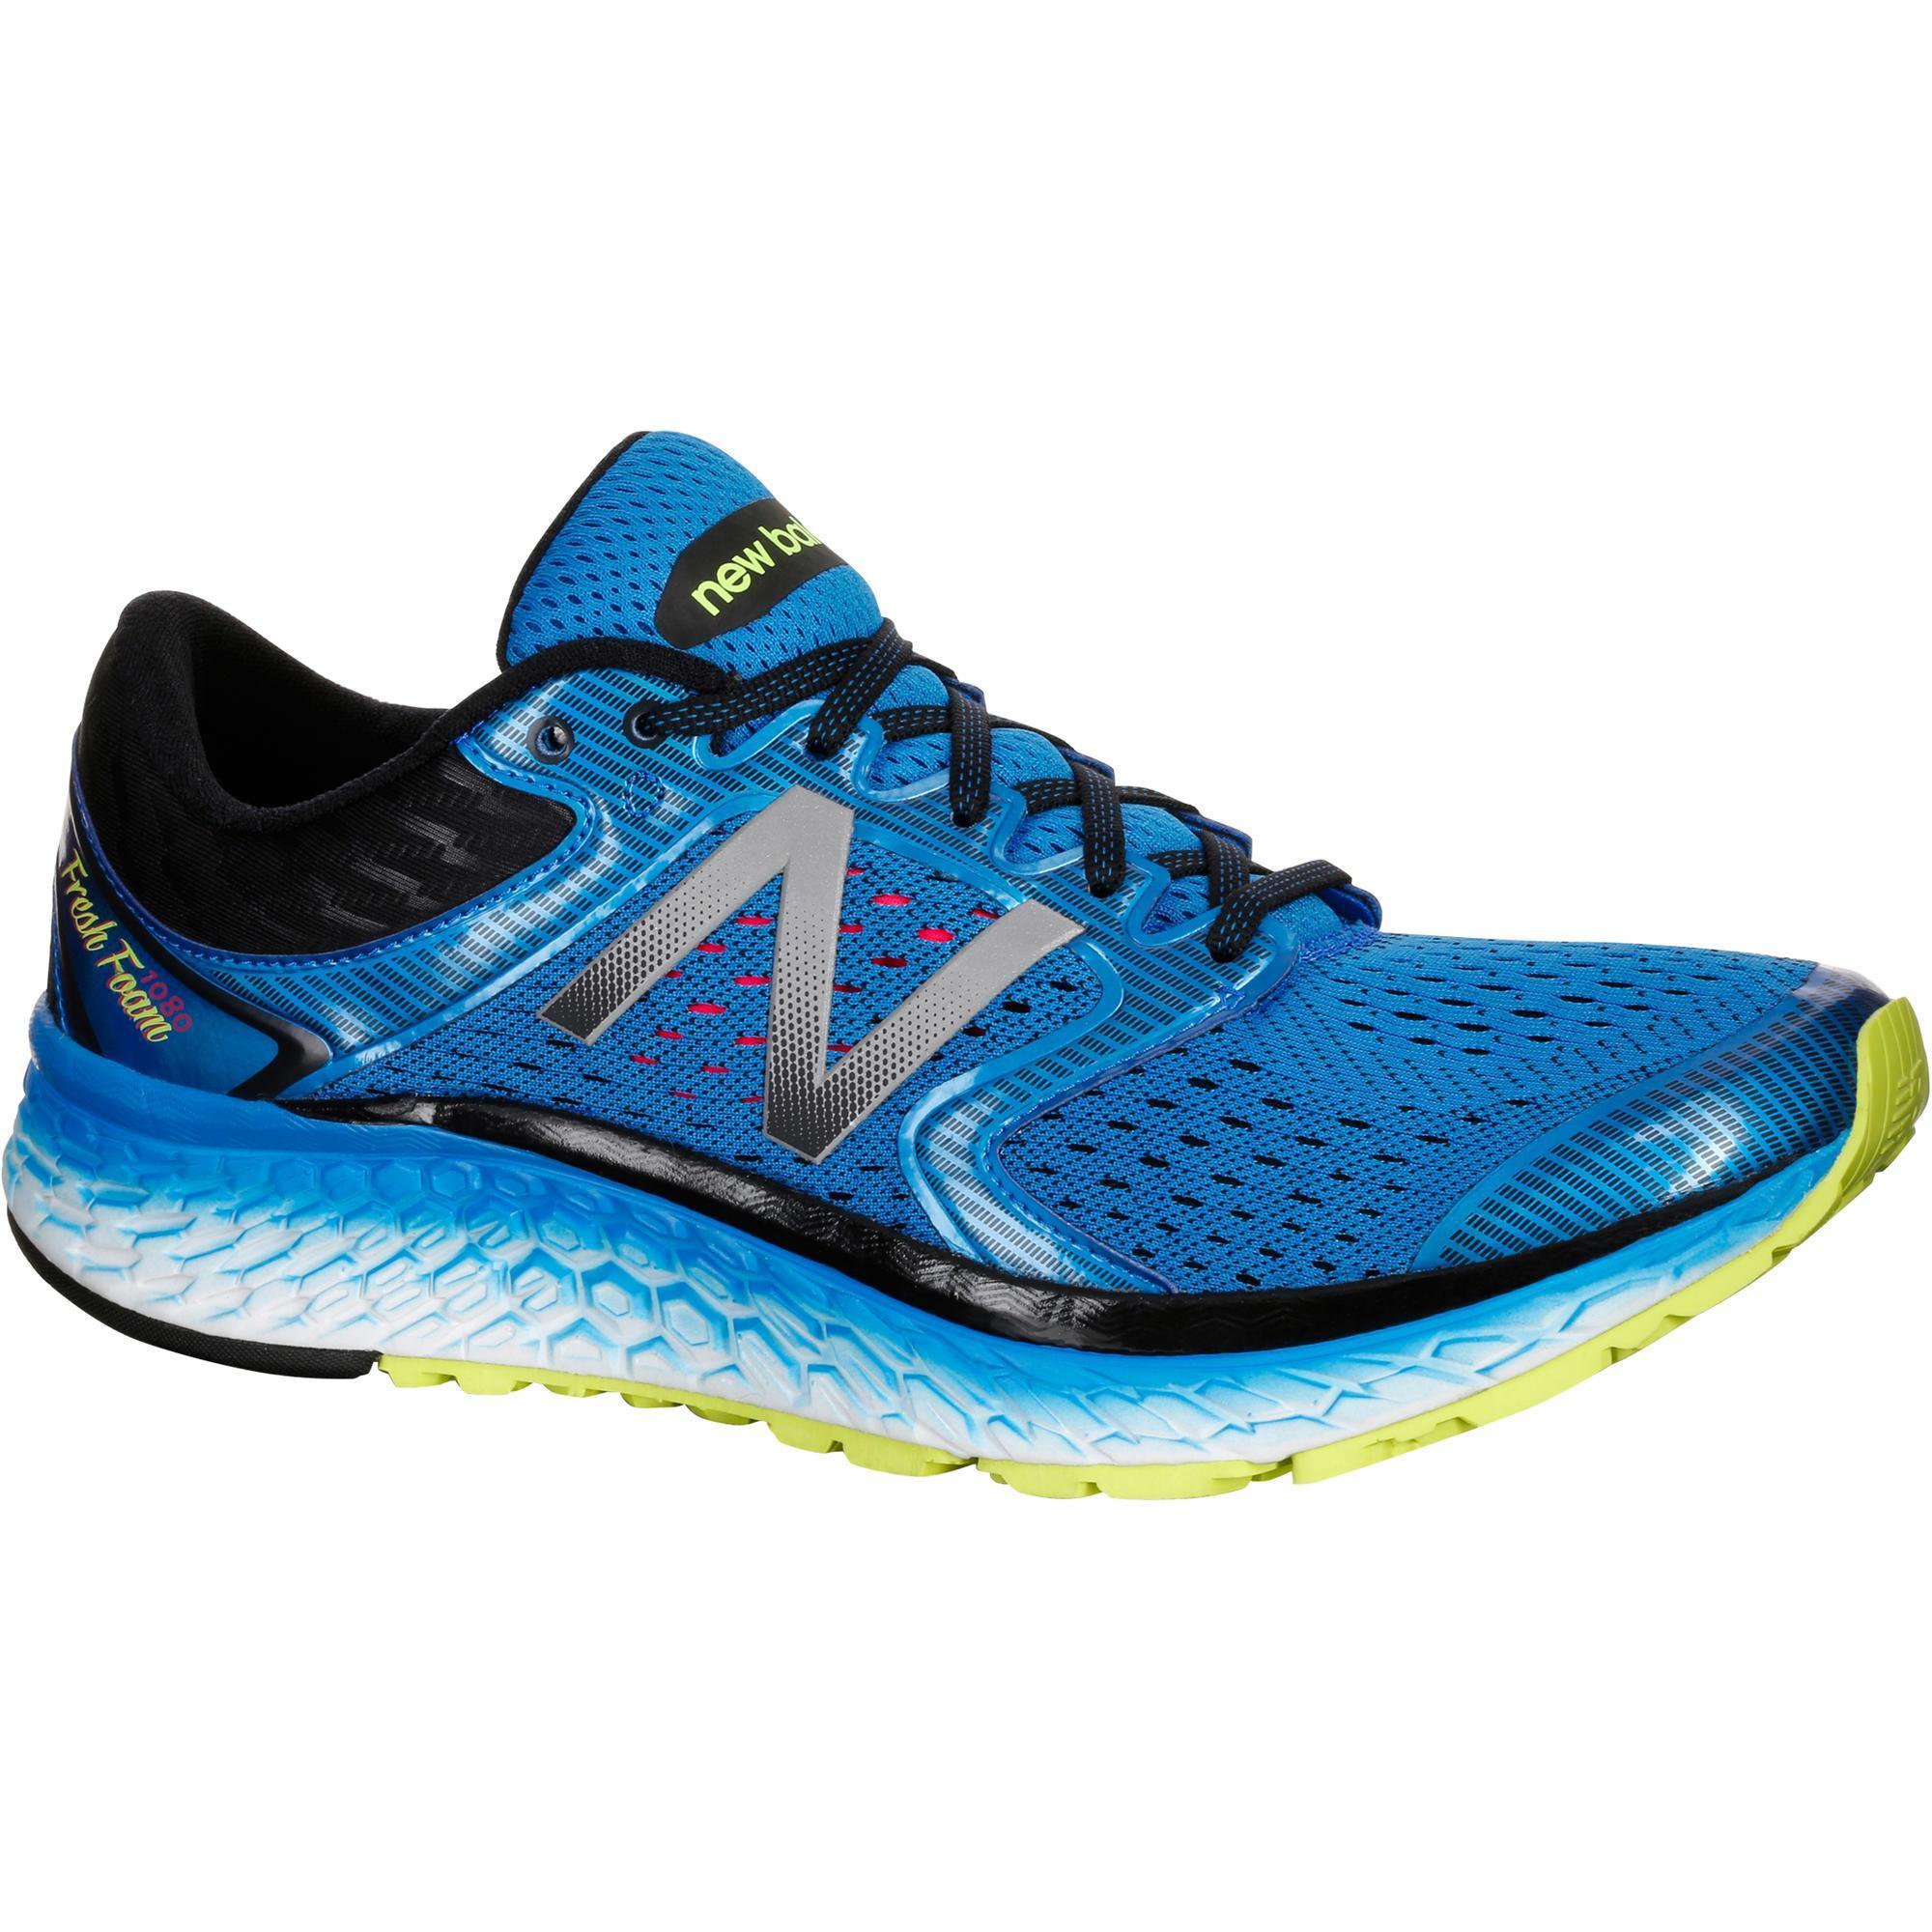 NEW BALANCE M1080 v7 men's running shoe